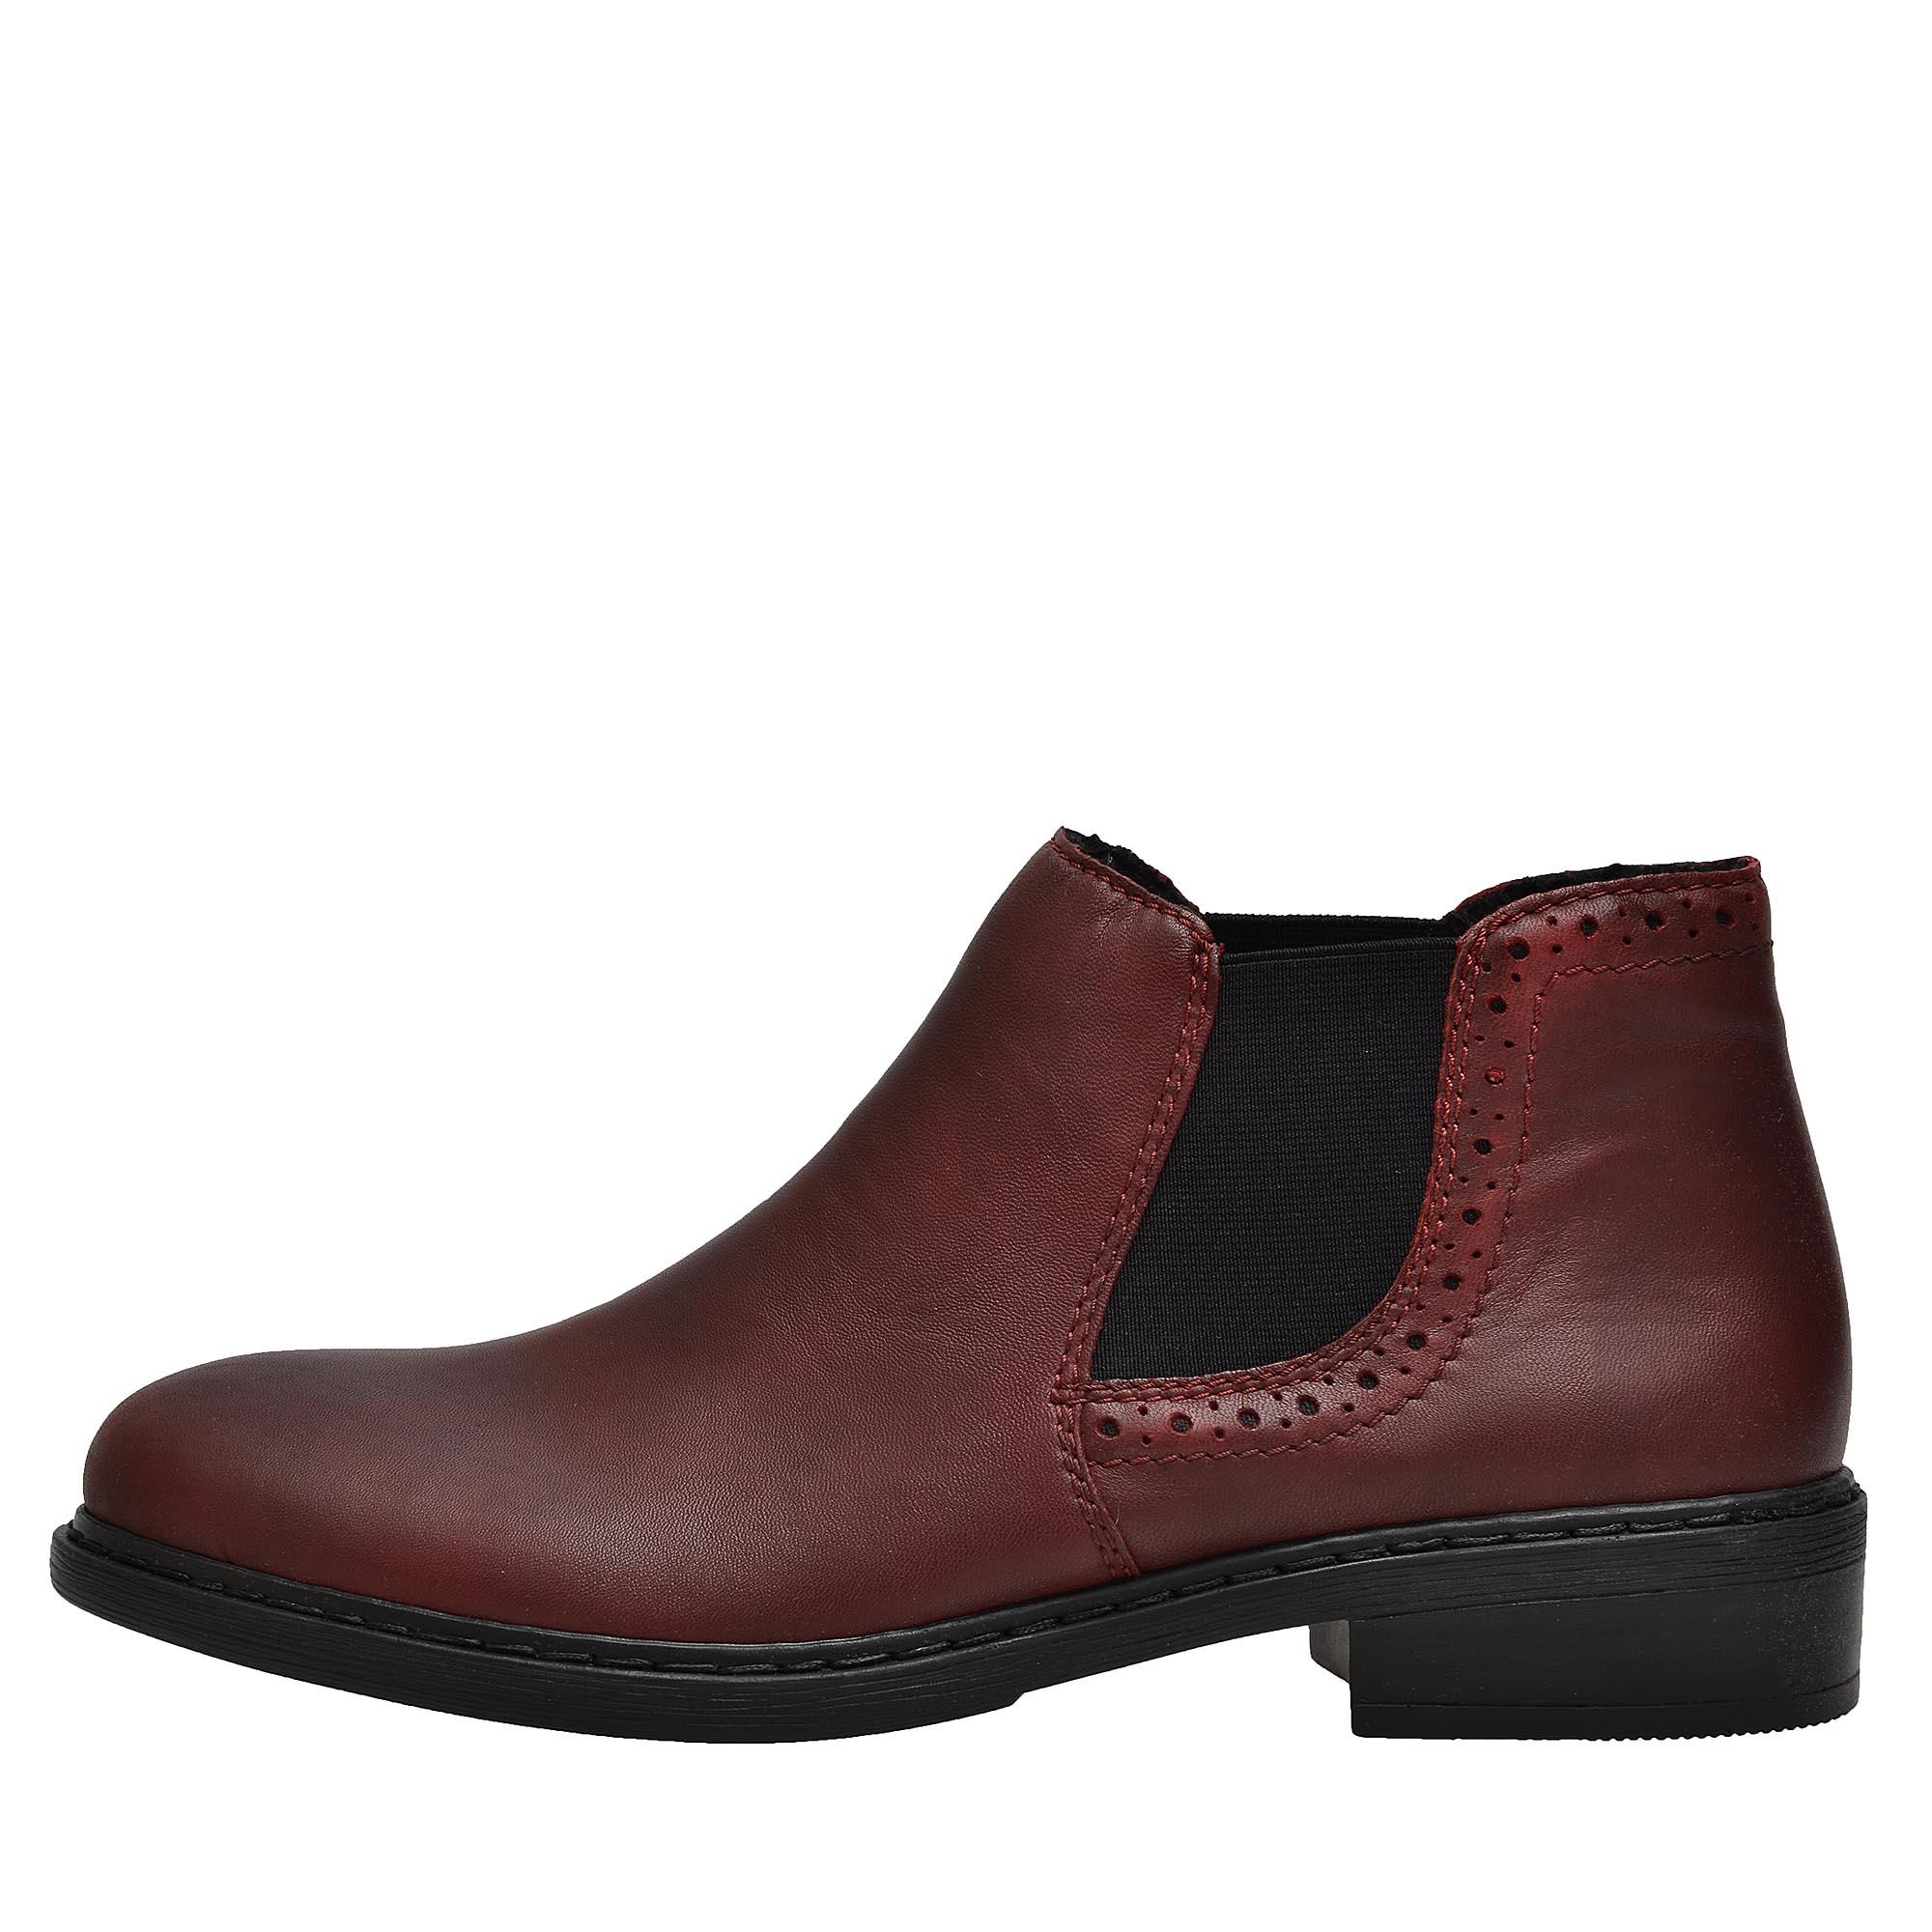 d99a133951 detail Dámska obuv RIEKER 77584 35 ROT H W 8